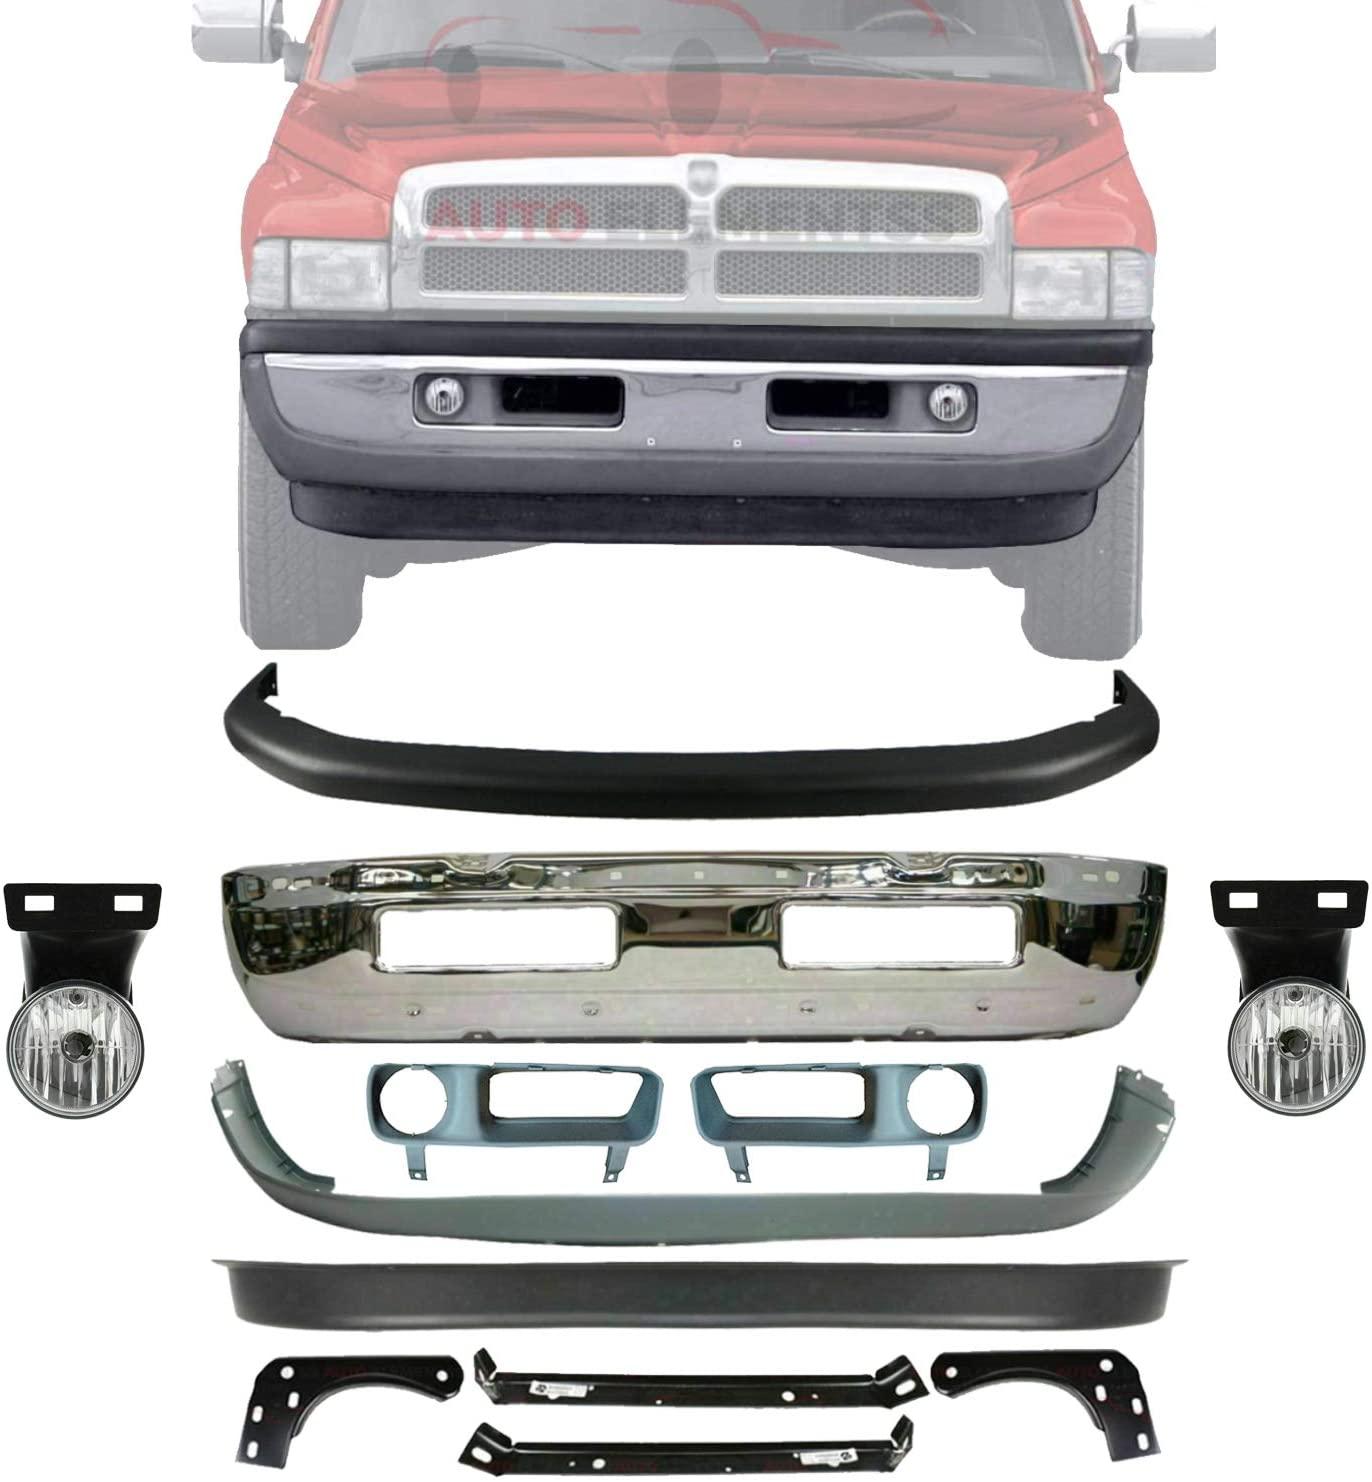 New Front Bumper Face Bar Chrome + Upper & Lower Cover + Valance + Inner & Outer Brackets + Fog Lamp Left Driver & Right Passenger Side For 1997-2001 Dodge Ram 1500/1997-2002 Ram 2500 3500